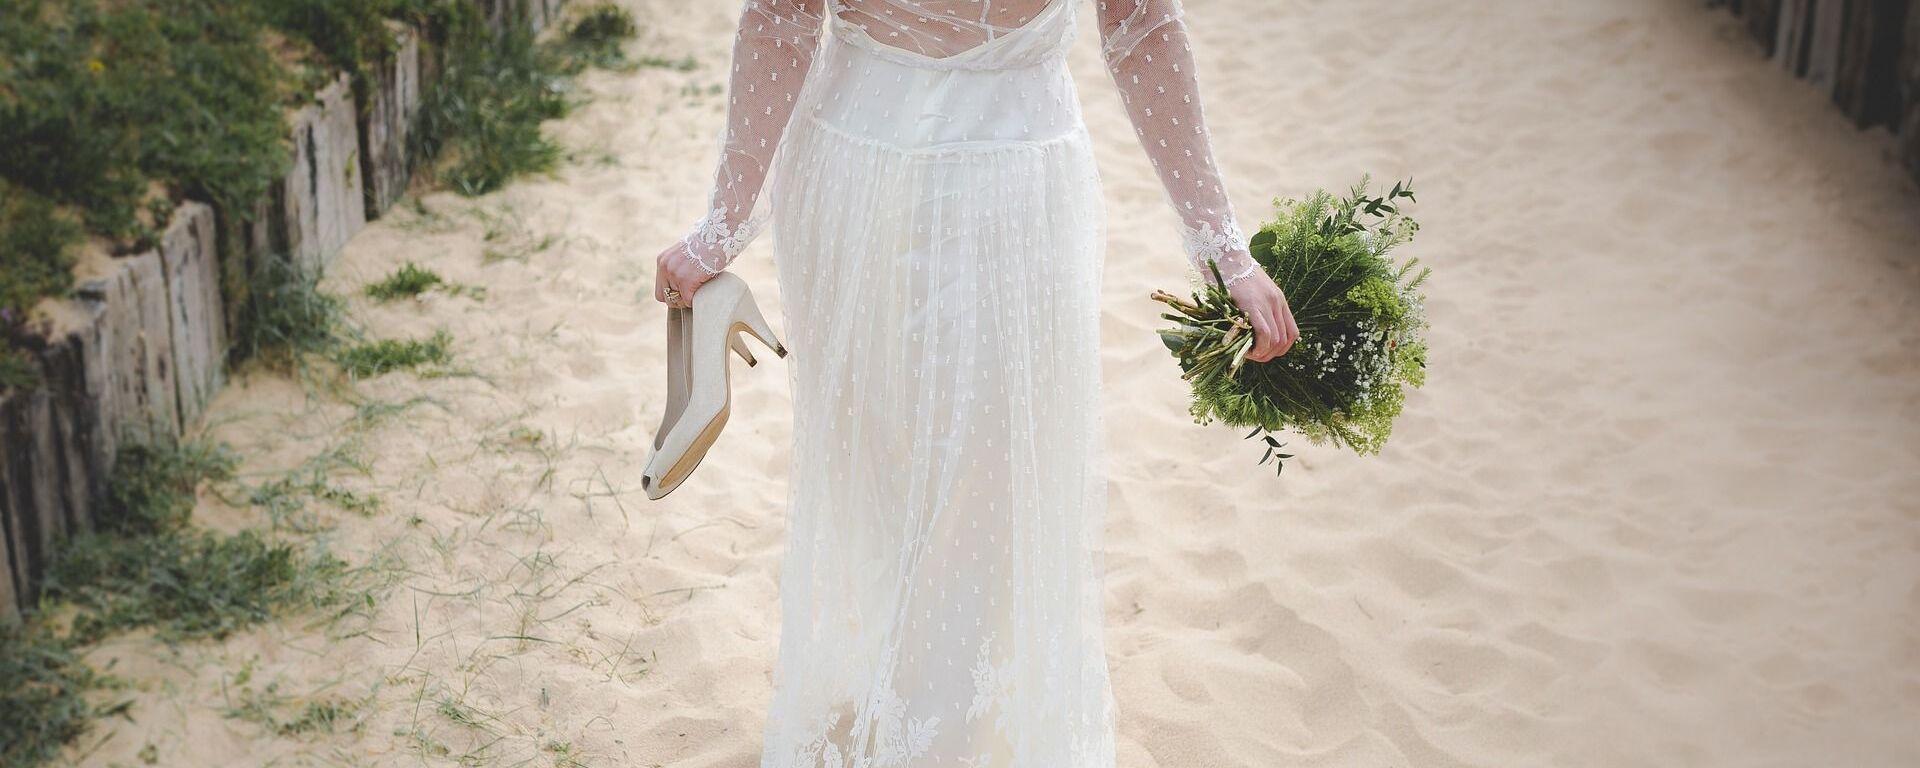 Невеста идет босиком, держа в руках туфли и свадебный букет - Sputnik საქართველო, 1920, 12.03.2021